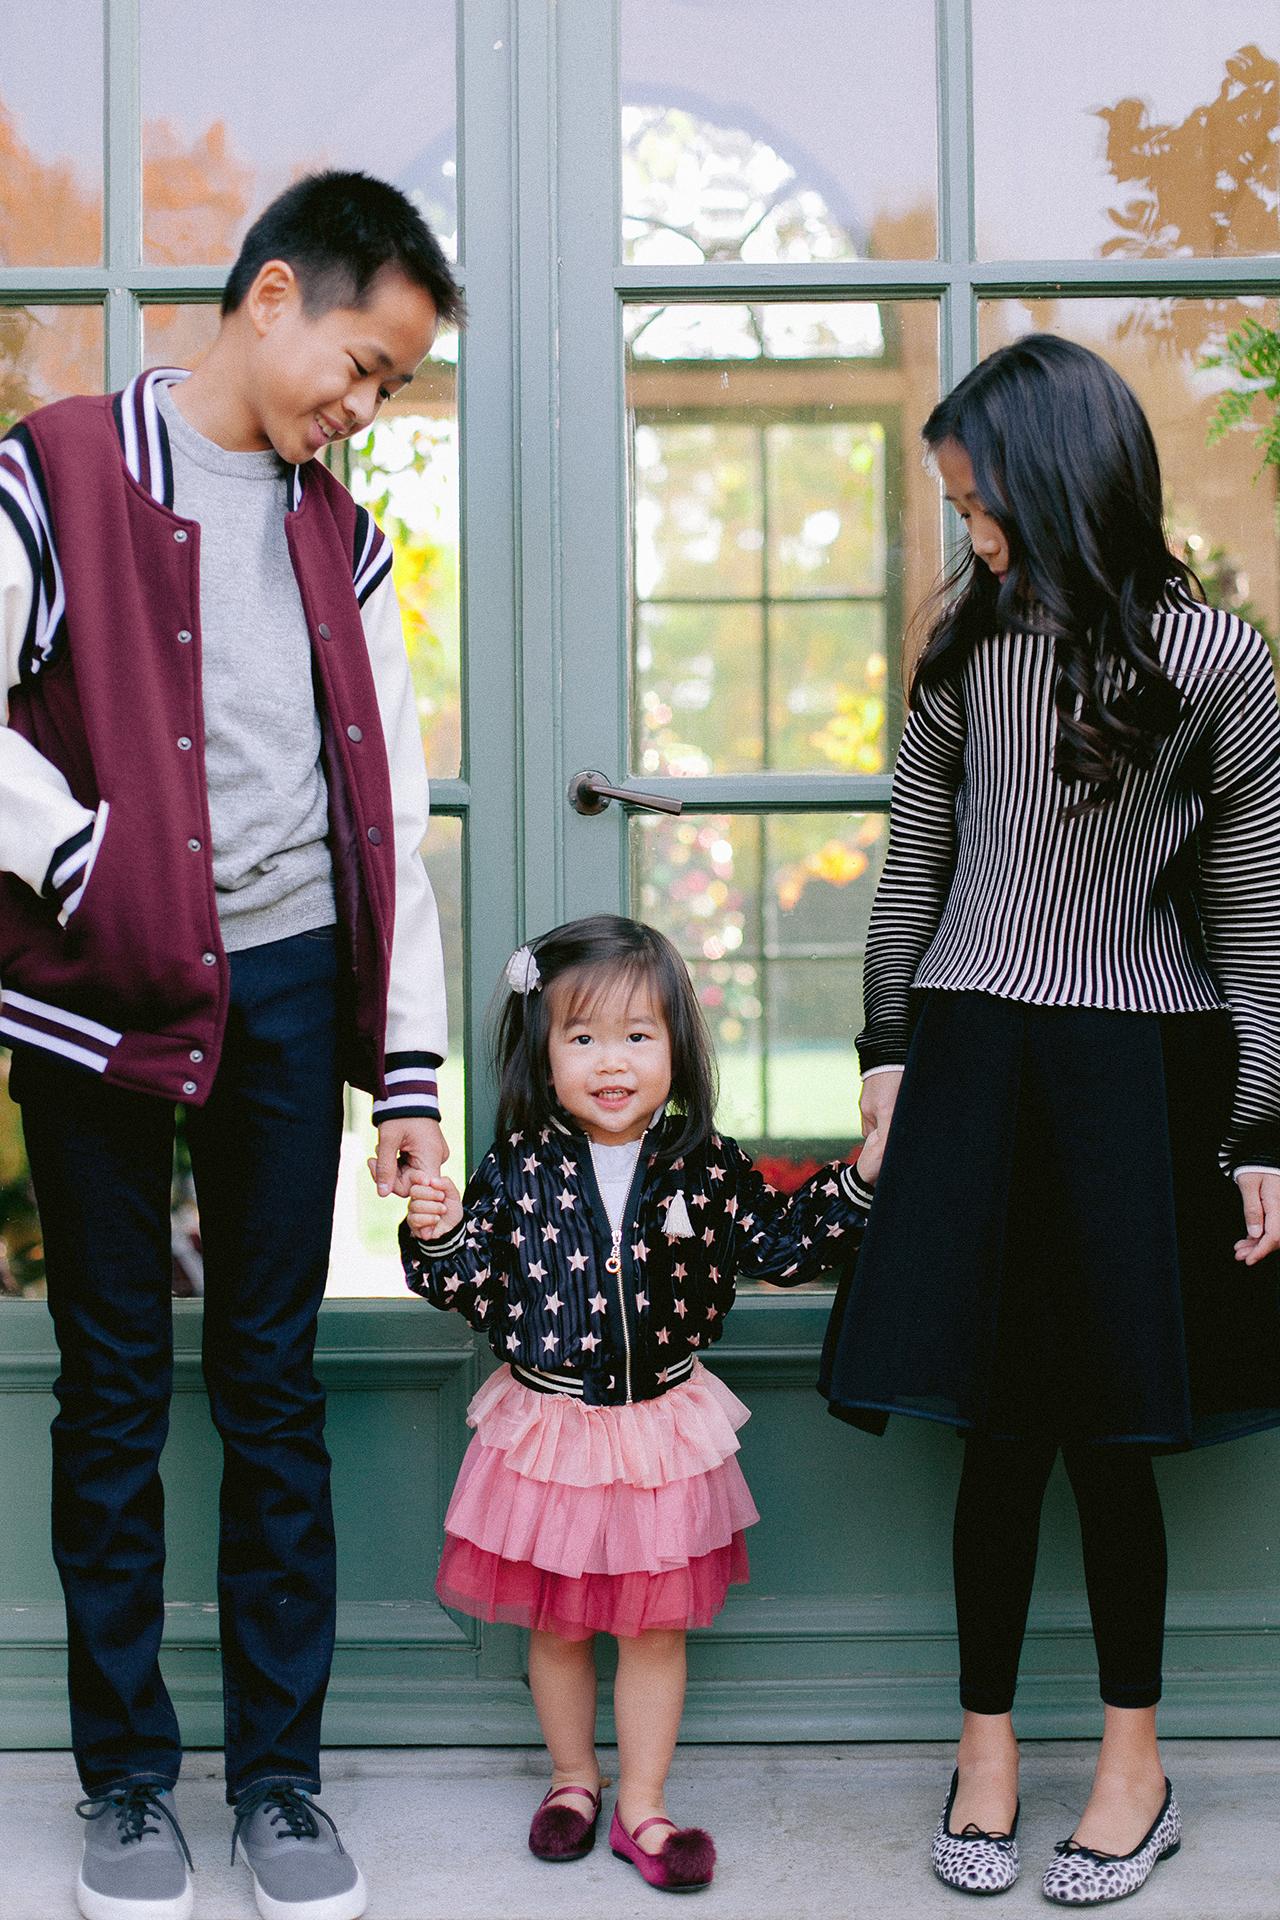 Fioli_Gardens_Woodside_Children_and_Family_Portrait_006.jpg